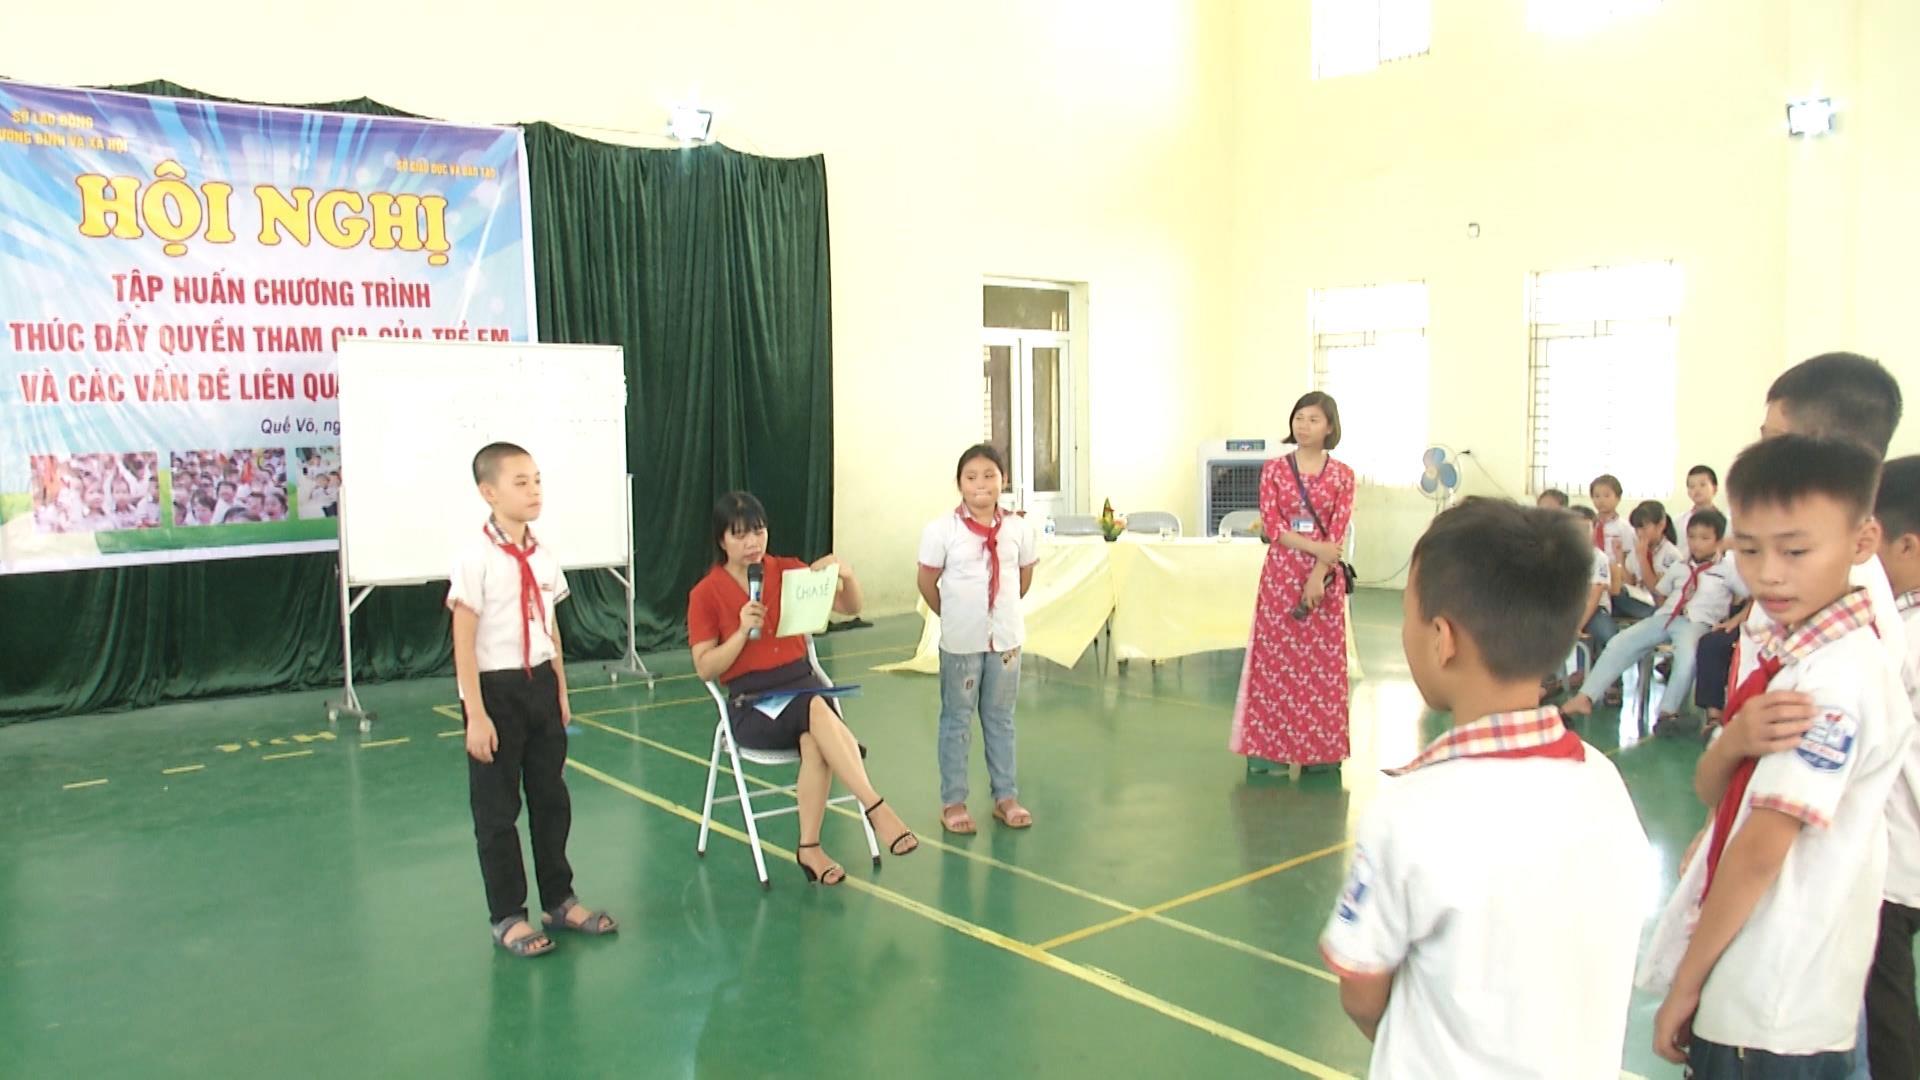 Tập huấn Chương trình thúc đẩy quyền tham gia của trẻ em